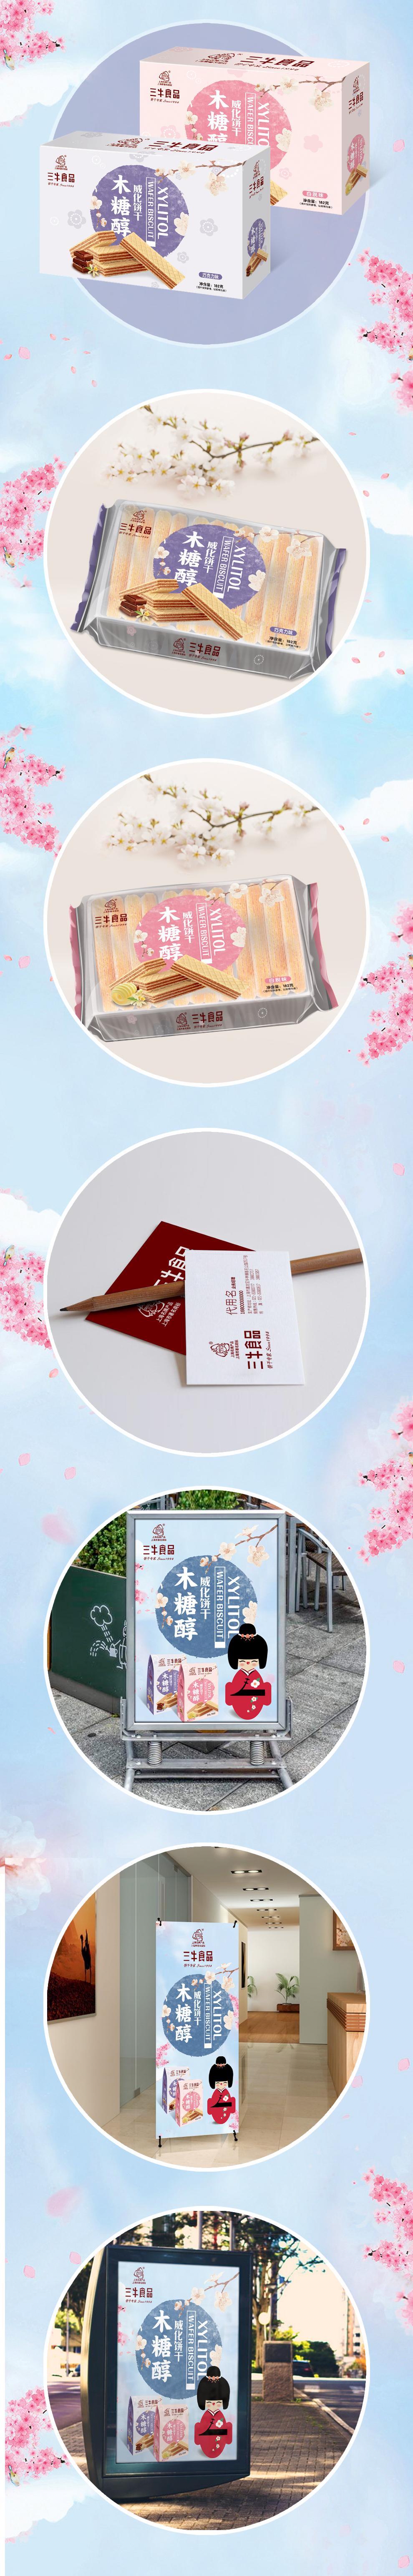 【百纳食品包装设计】饼干专家: 上海三牛食品品牌整合案例